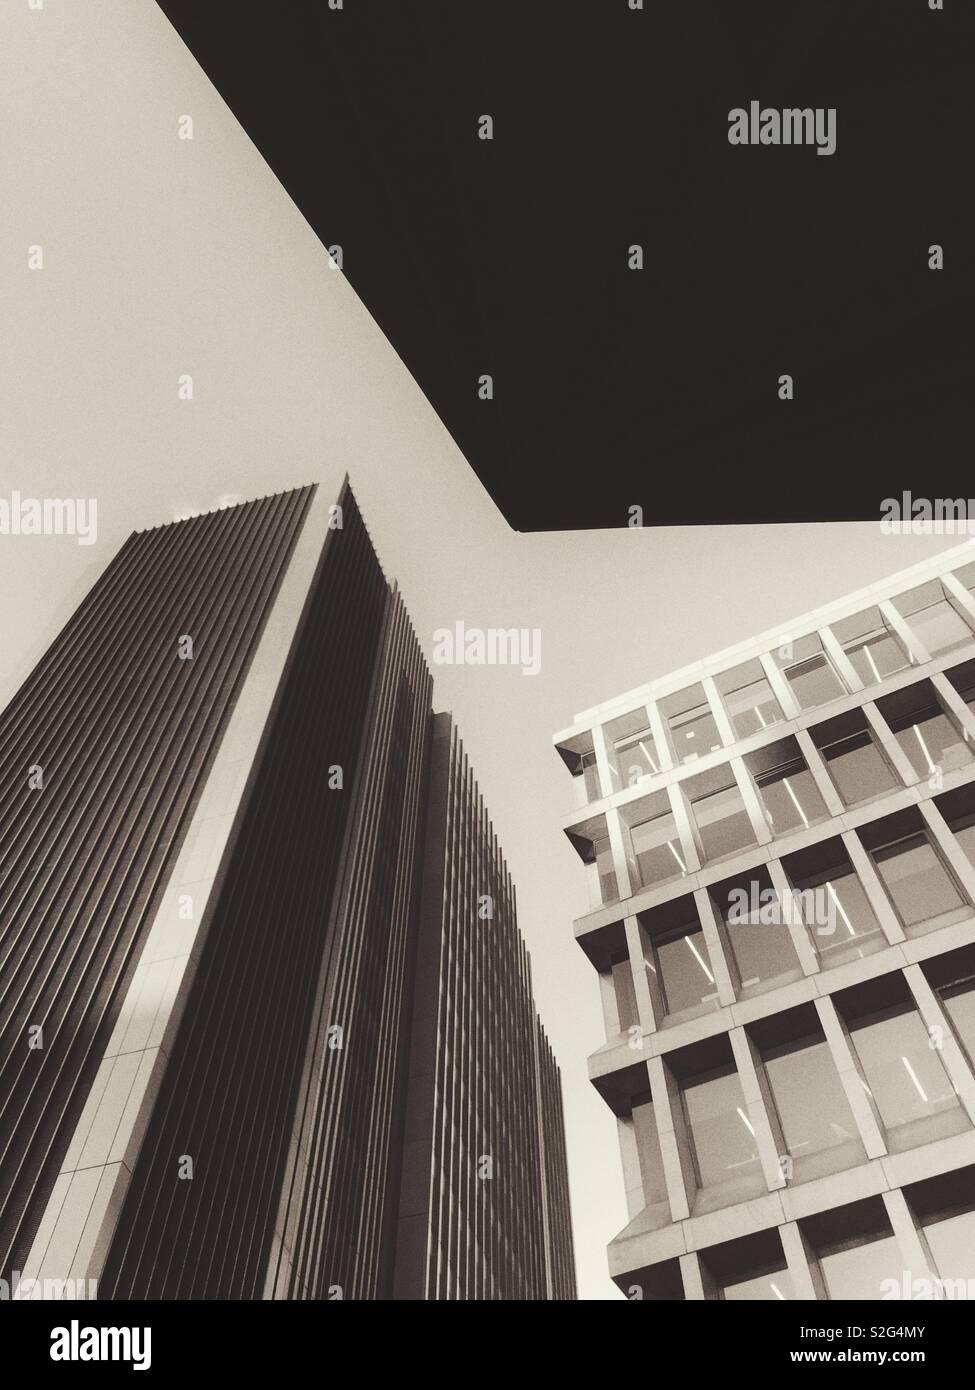 Visión abstracta de edificios en la ciudad de Londres. Imagen De Stock